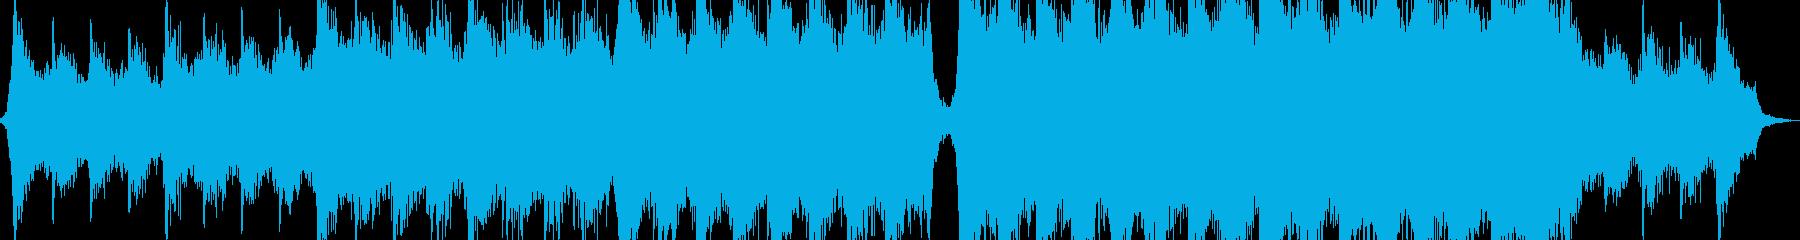 パワフルヒロイックエピックシネマティックの再生済みの波形